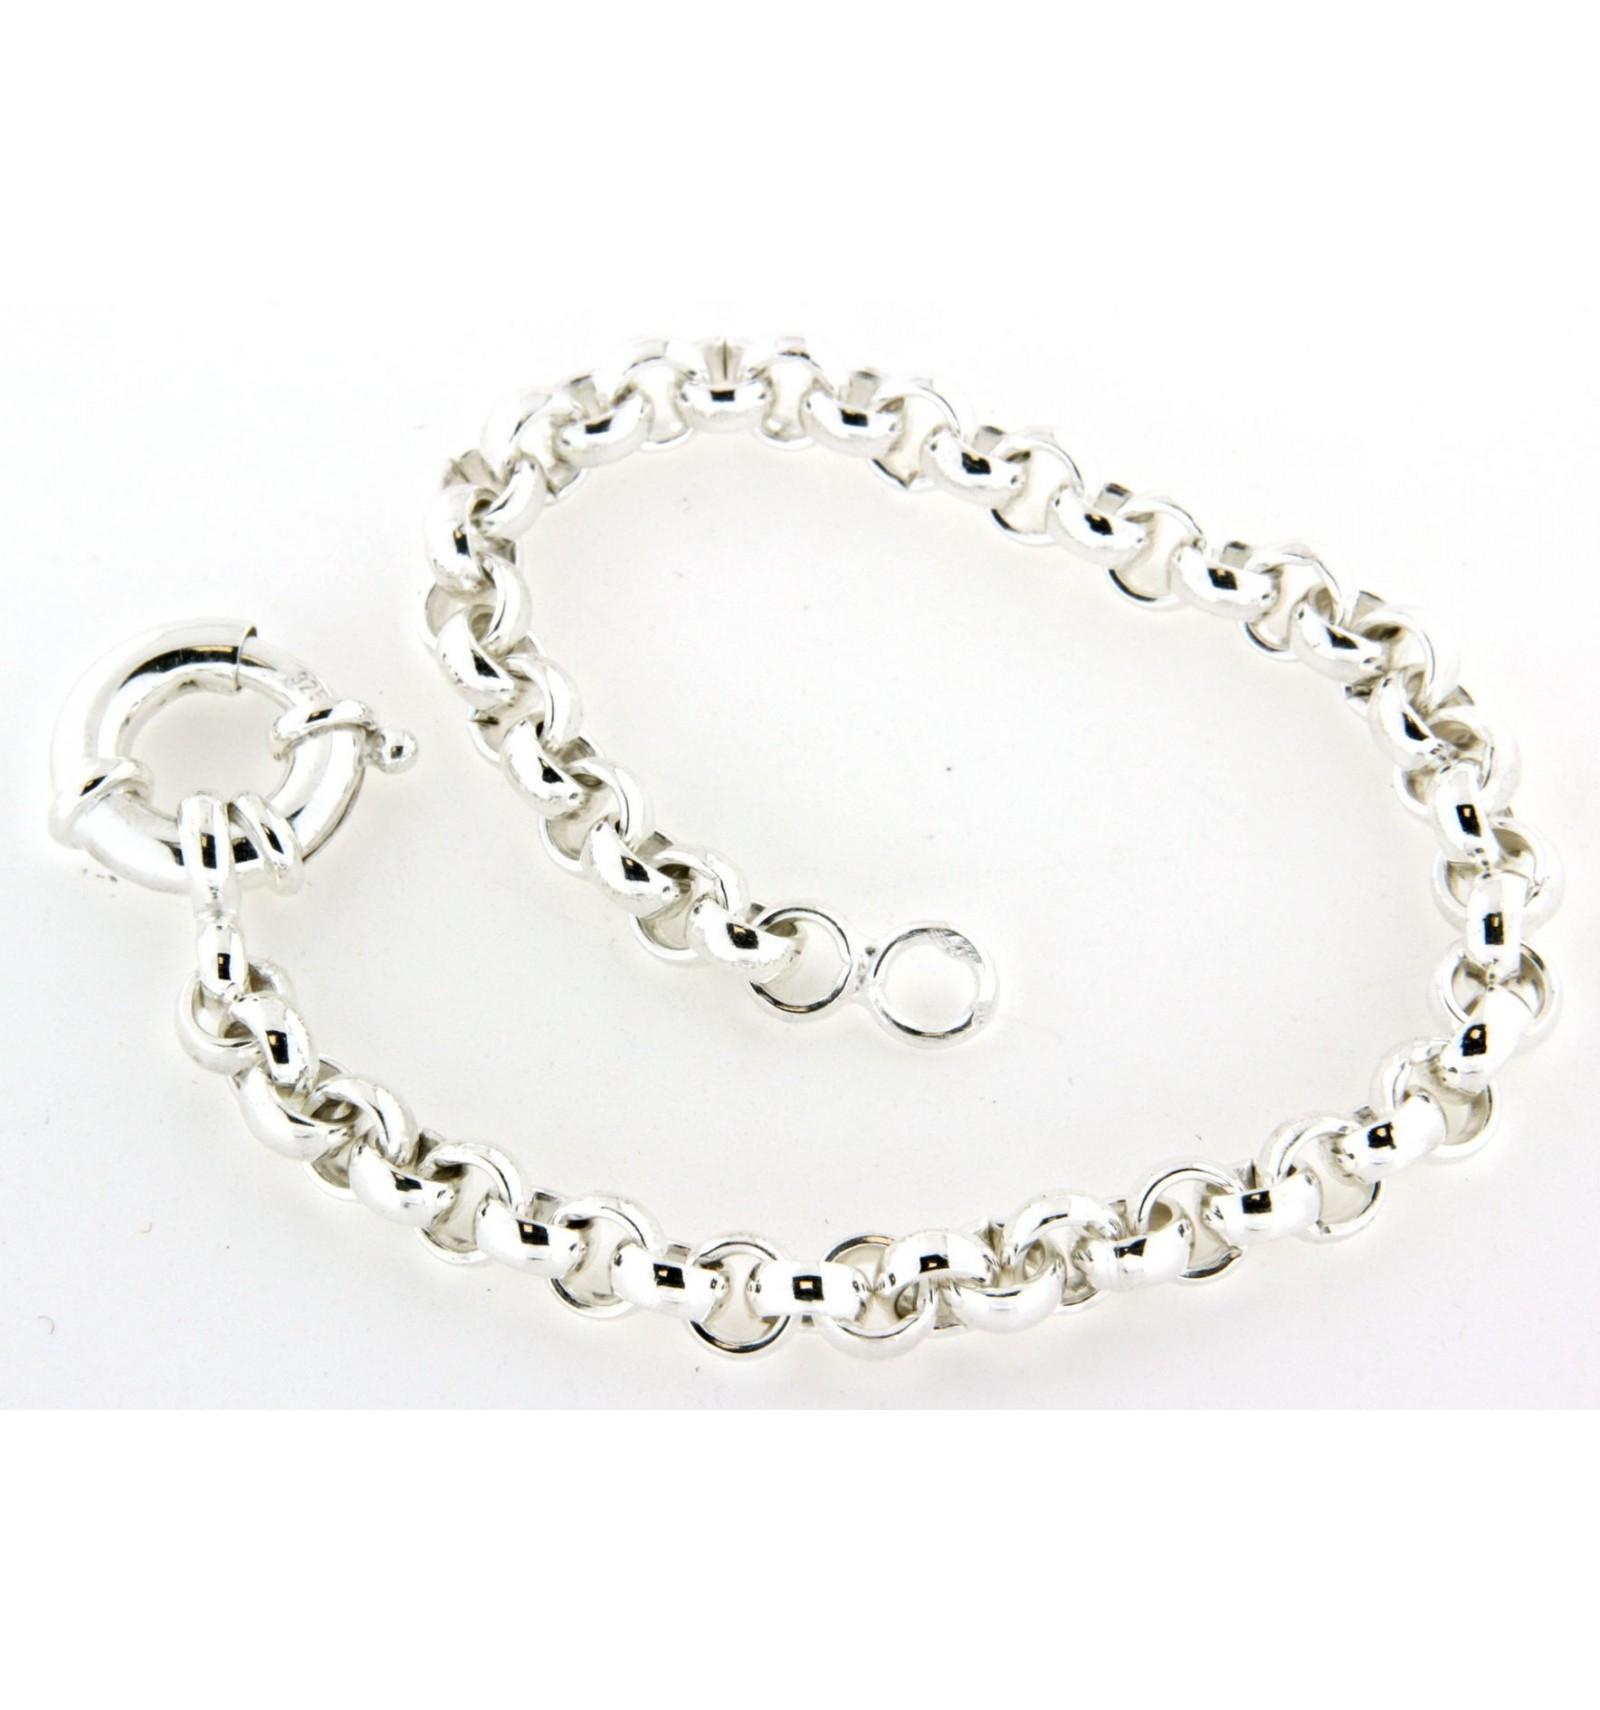 grossiste 6c600 d300f Bracelet argent maille jaseron